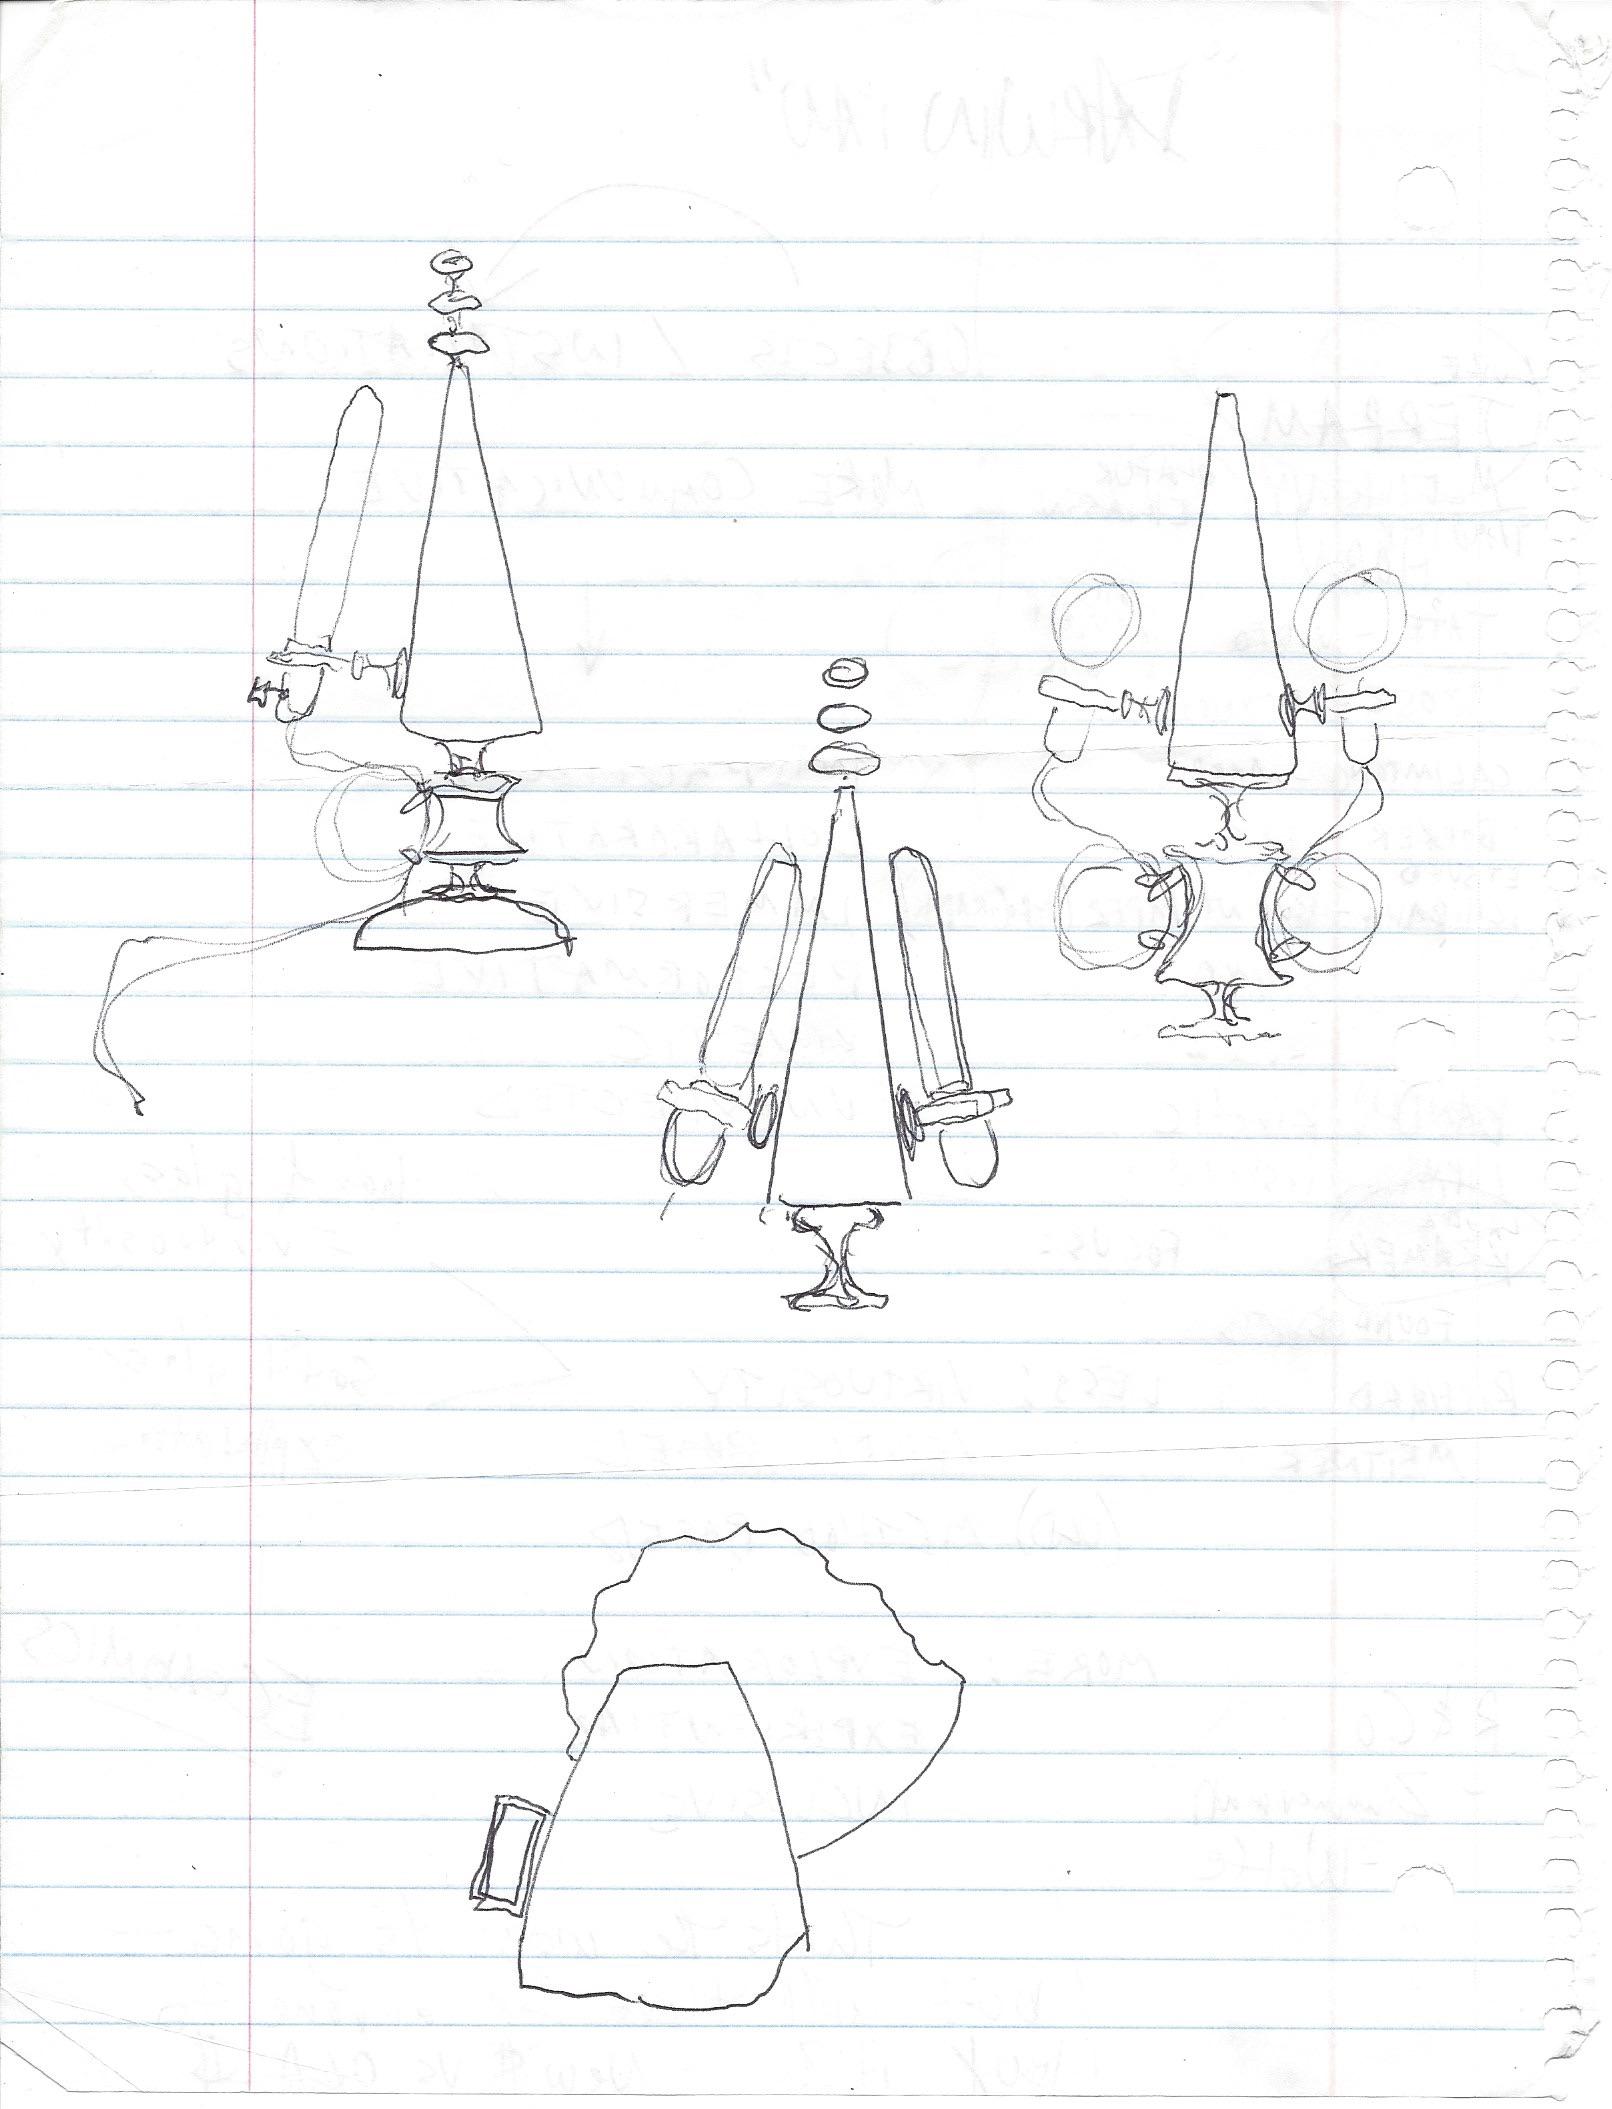 Design Document 2